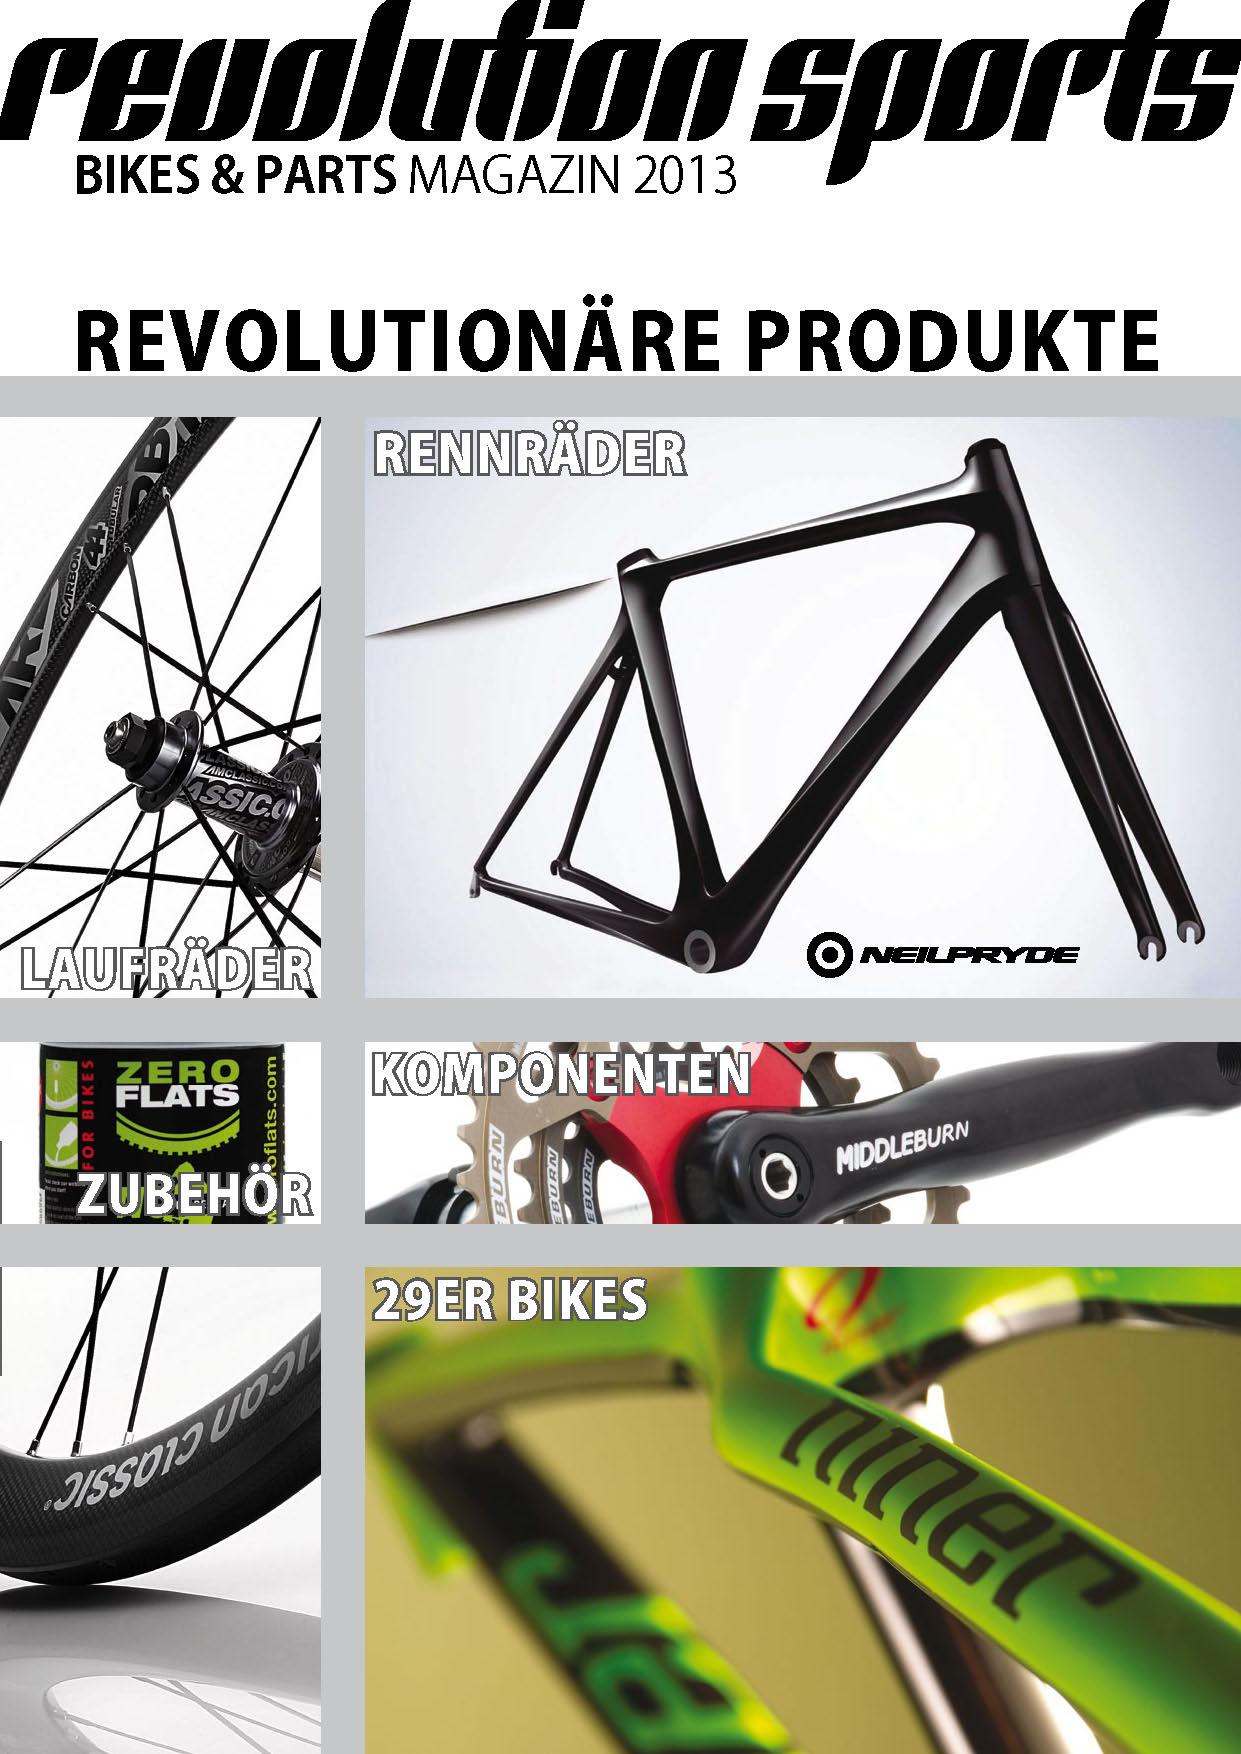 Revolution Sports Katalog 2013